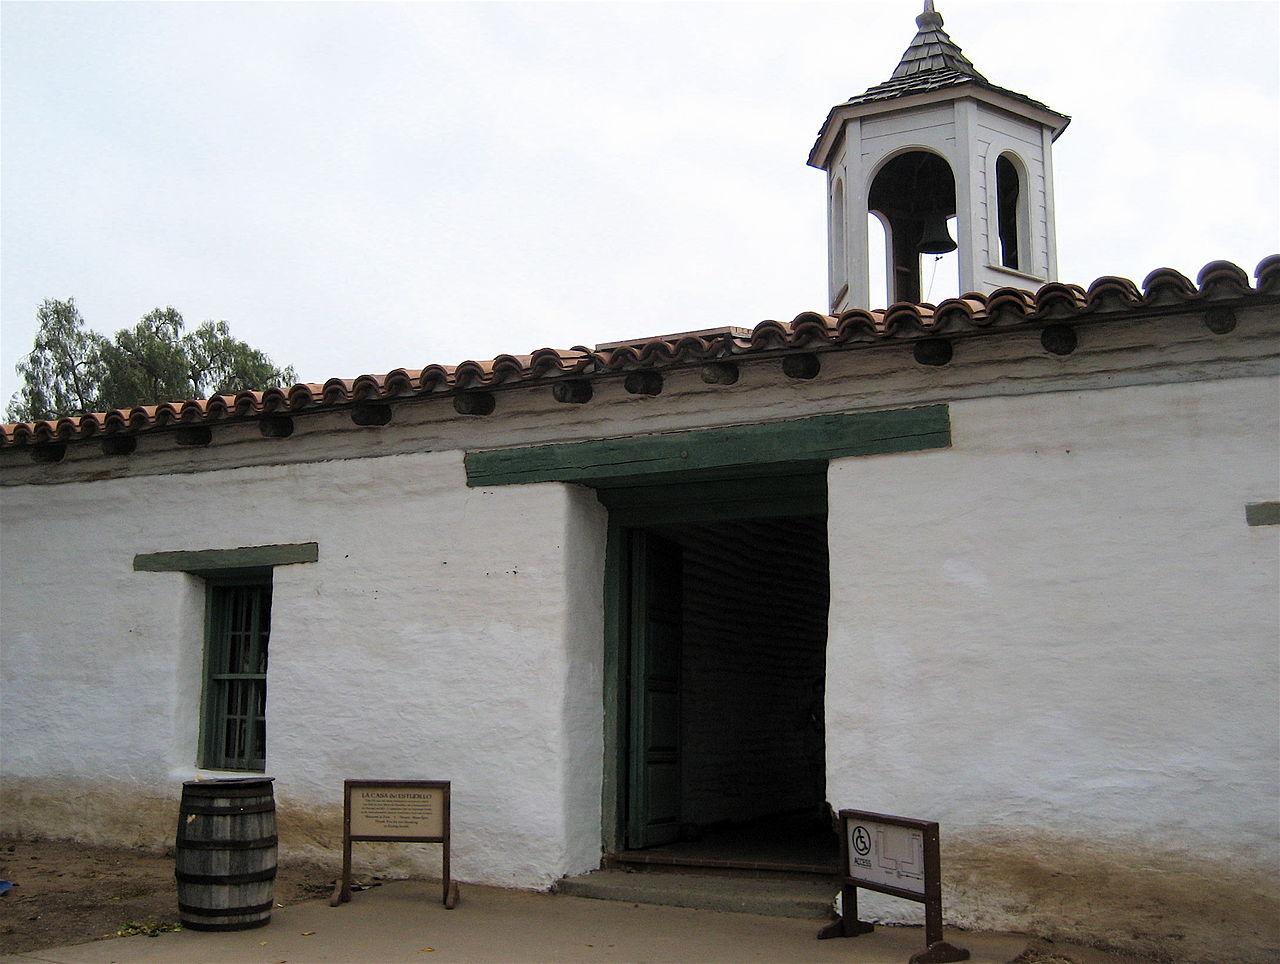 Entrance to La Casa de Estudillo